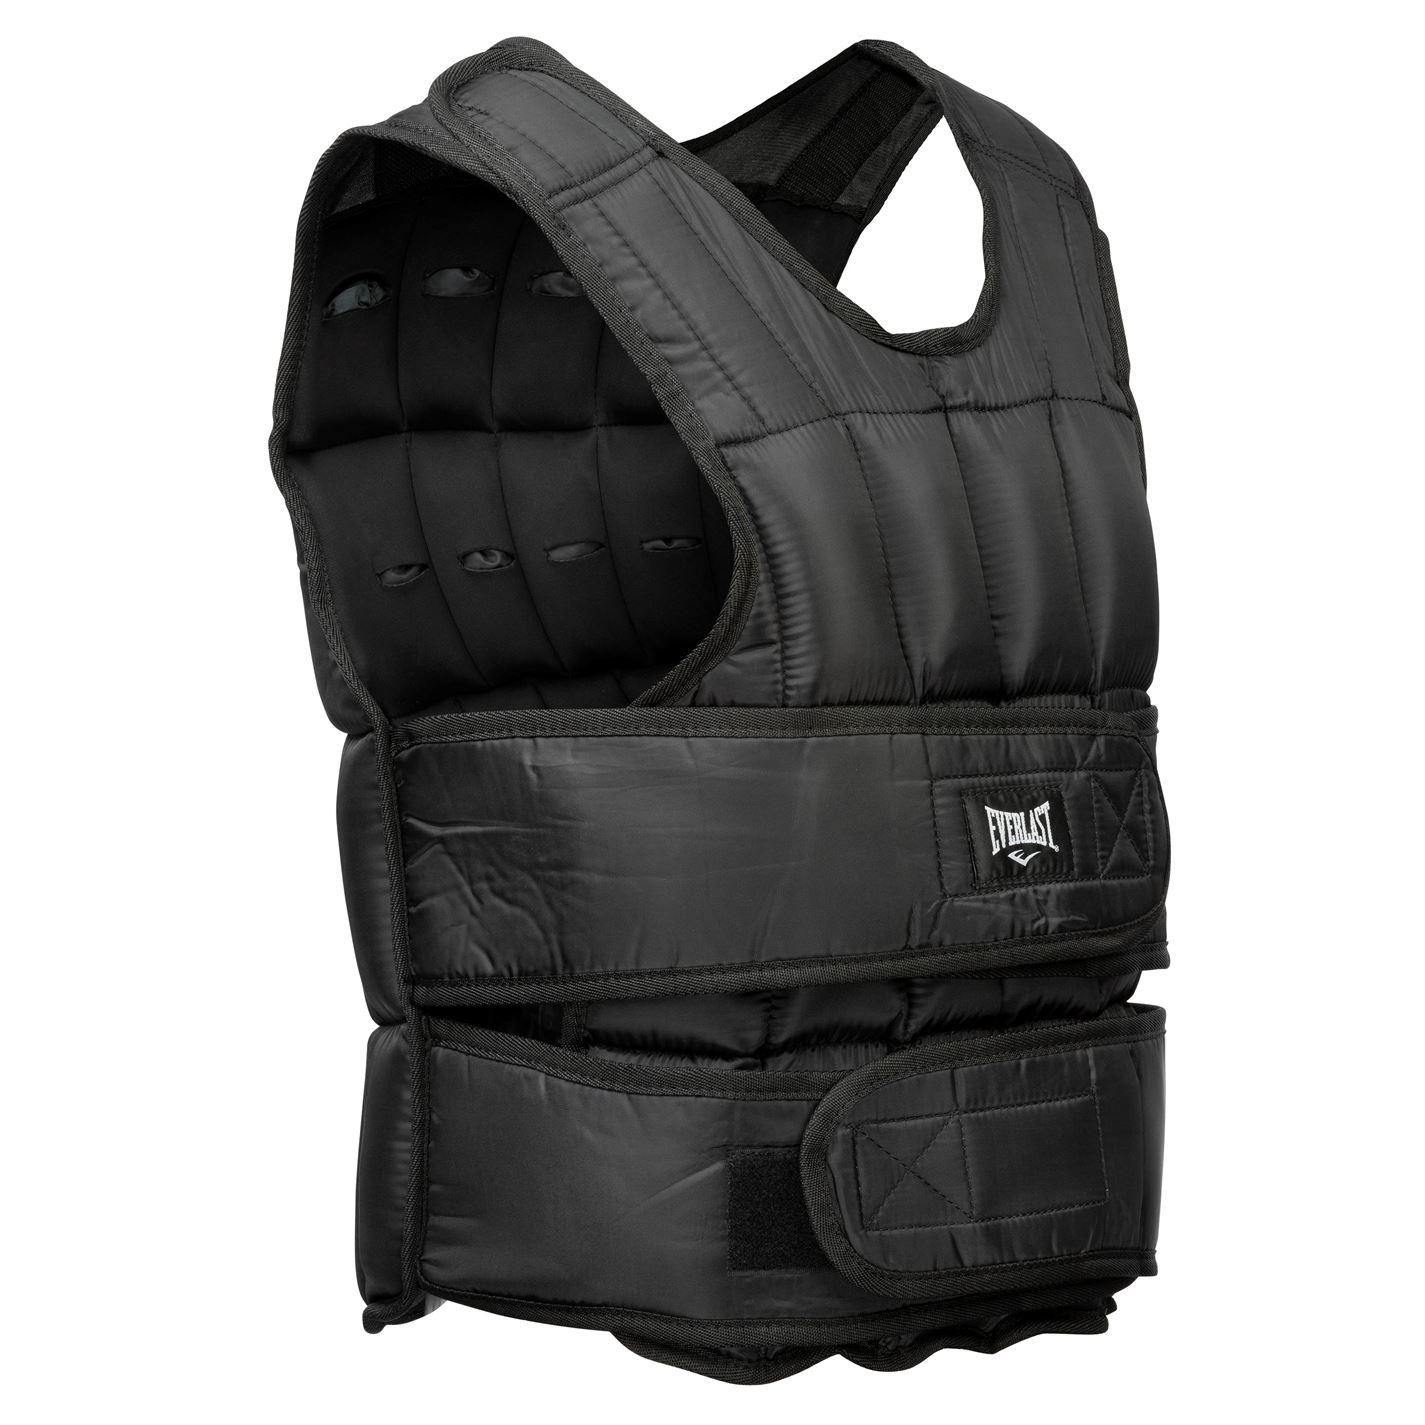 Everlast Unisex weight vest / body weights 10kg for £24.98 delivered @ eBay / kickbacksports Outlet